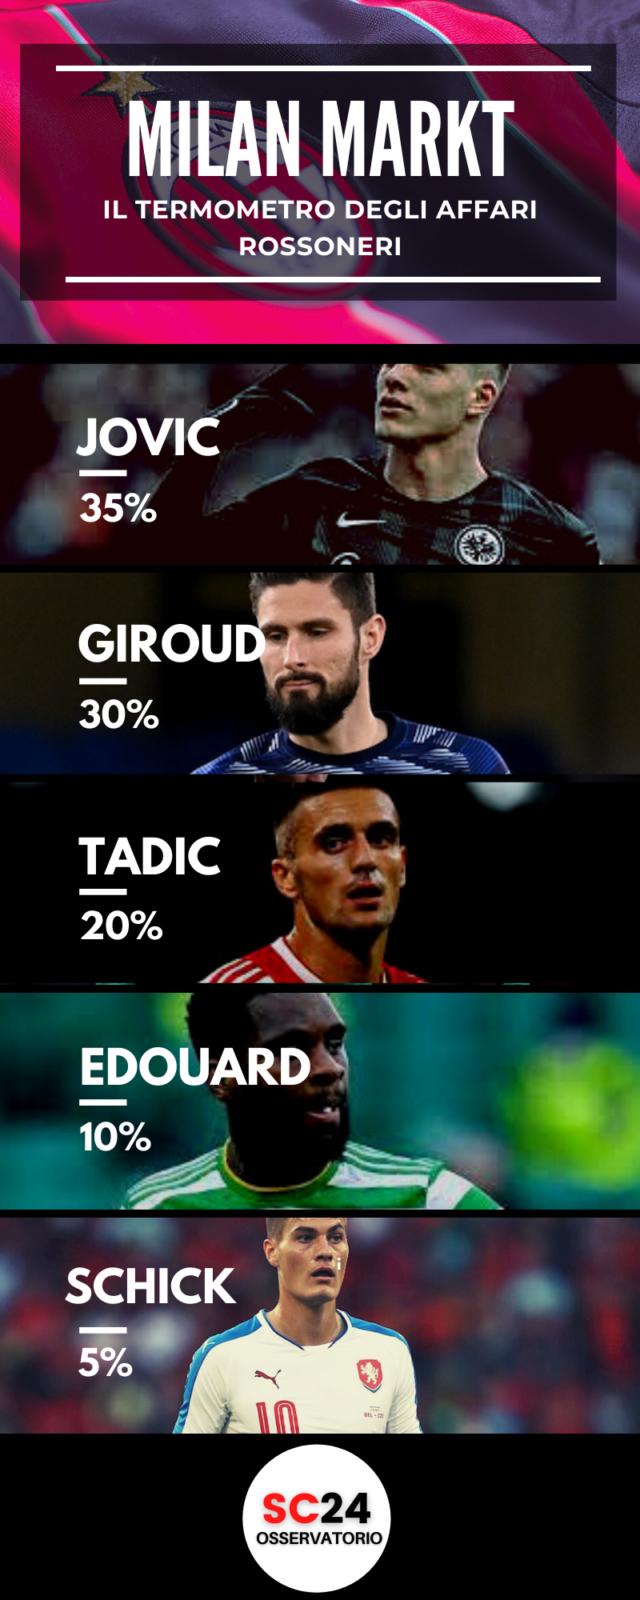 Tadic interessa al Milan